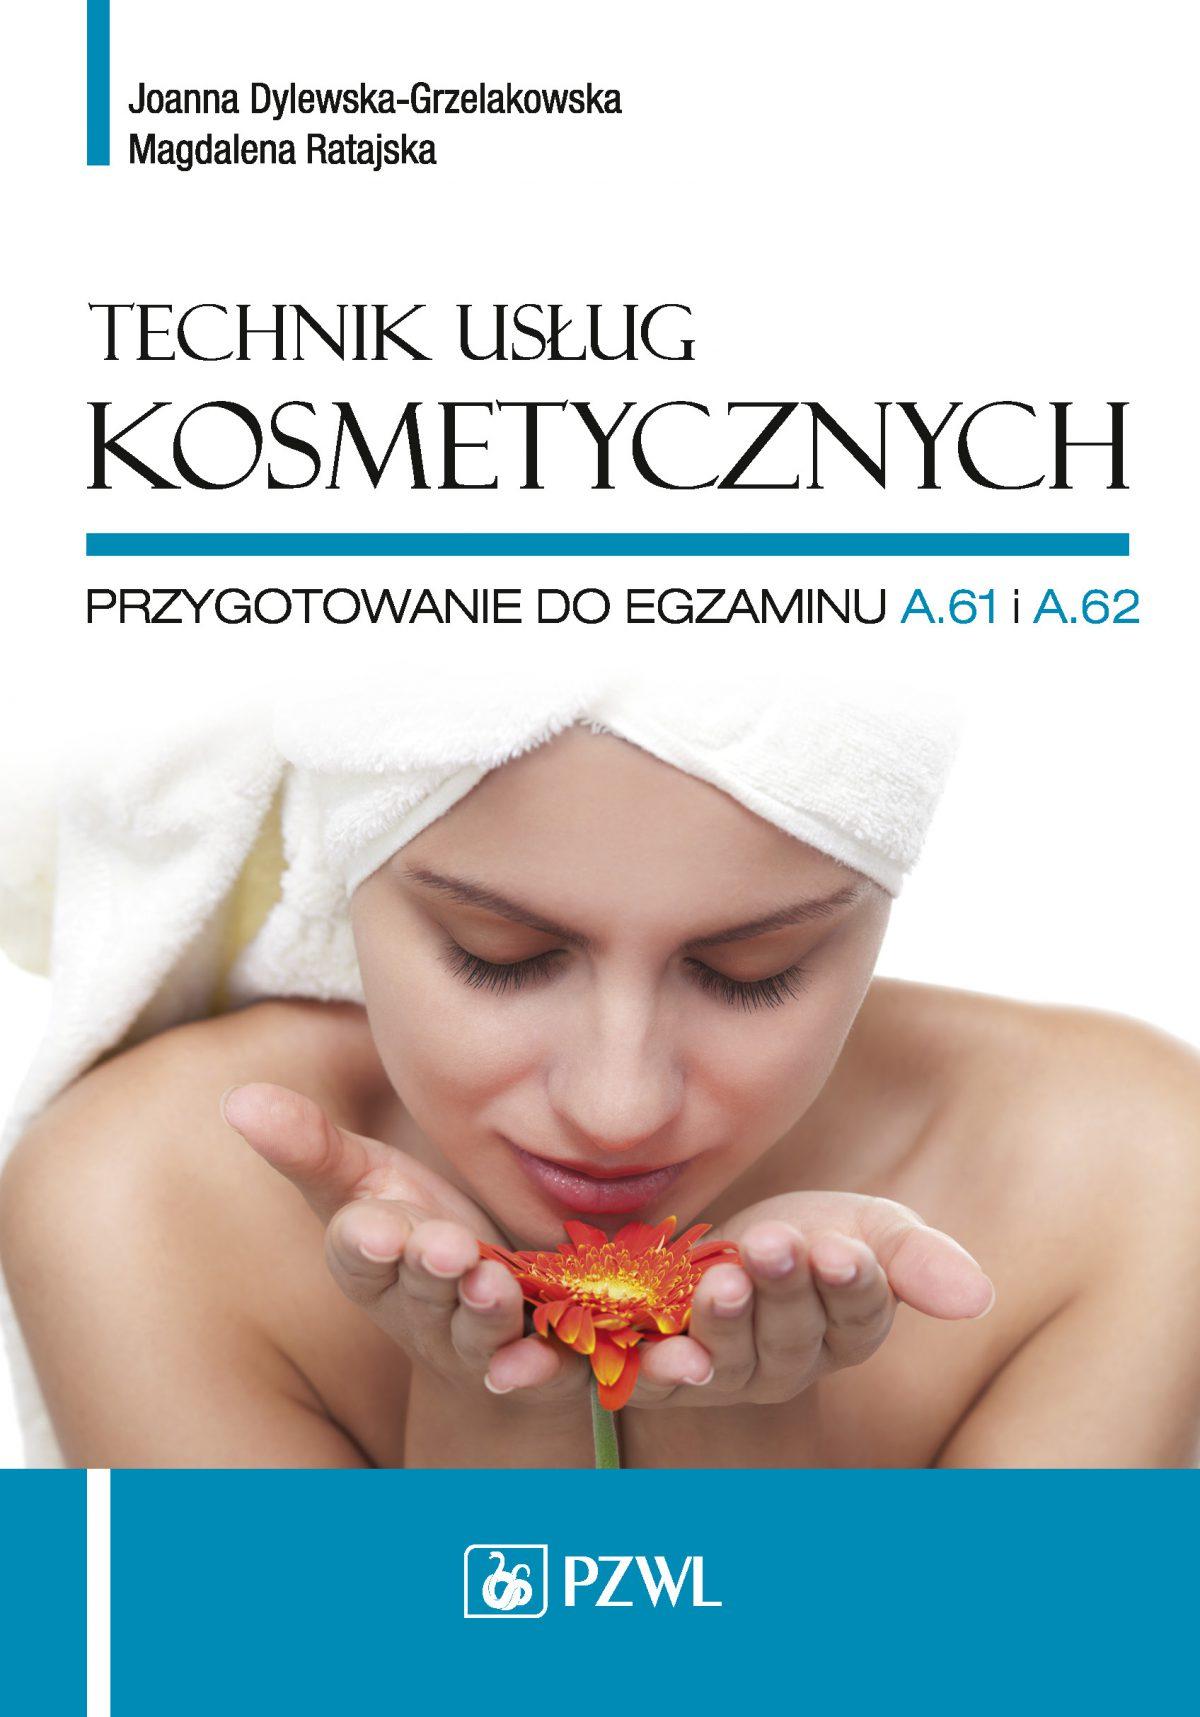 Technik usług kosmetycznych - Ebook (Książka EPUB) do pobrania w formacie EPUB